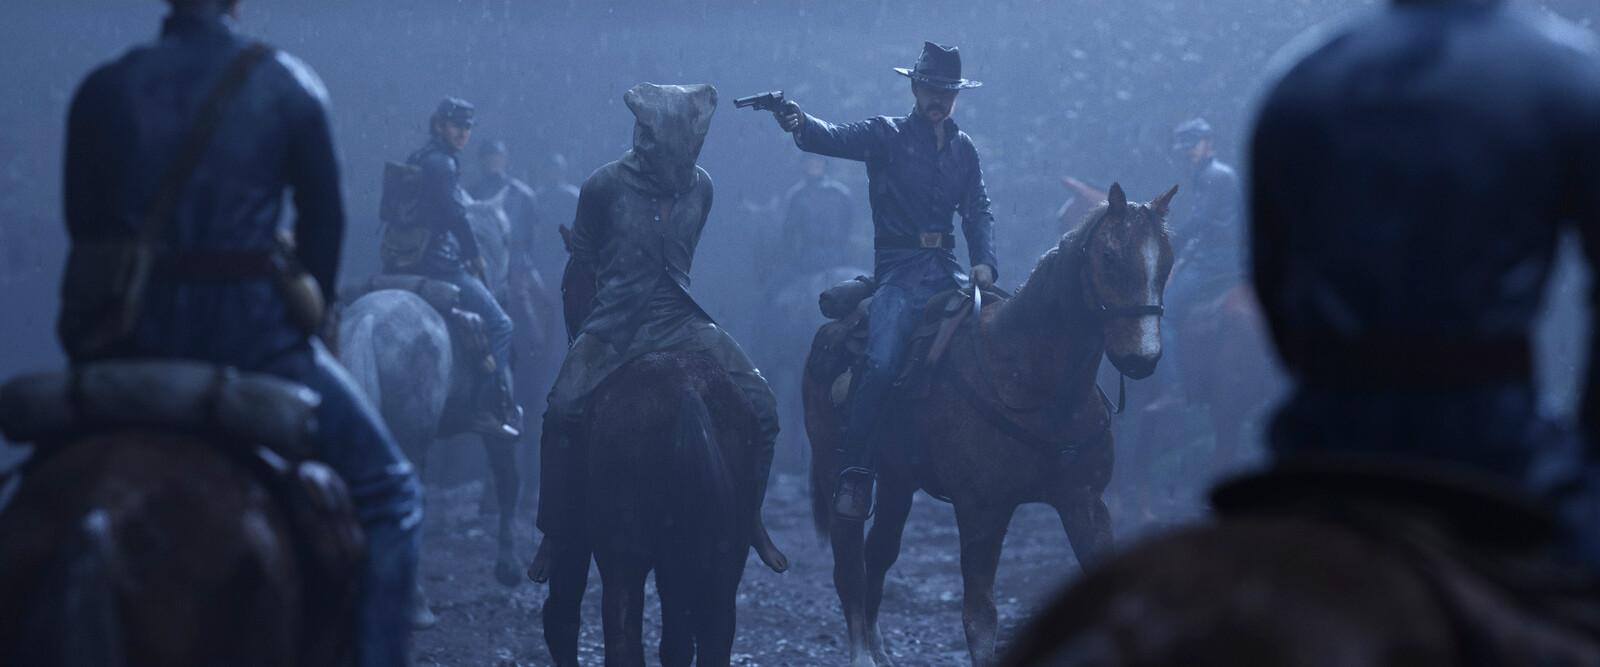 Blackstone Valley - A Cold Execution